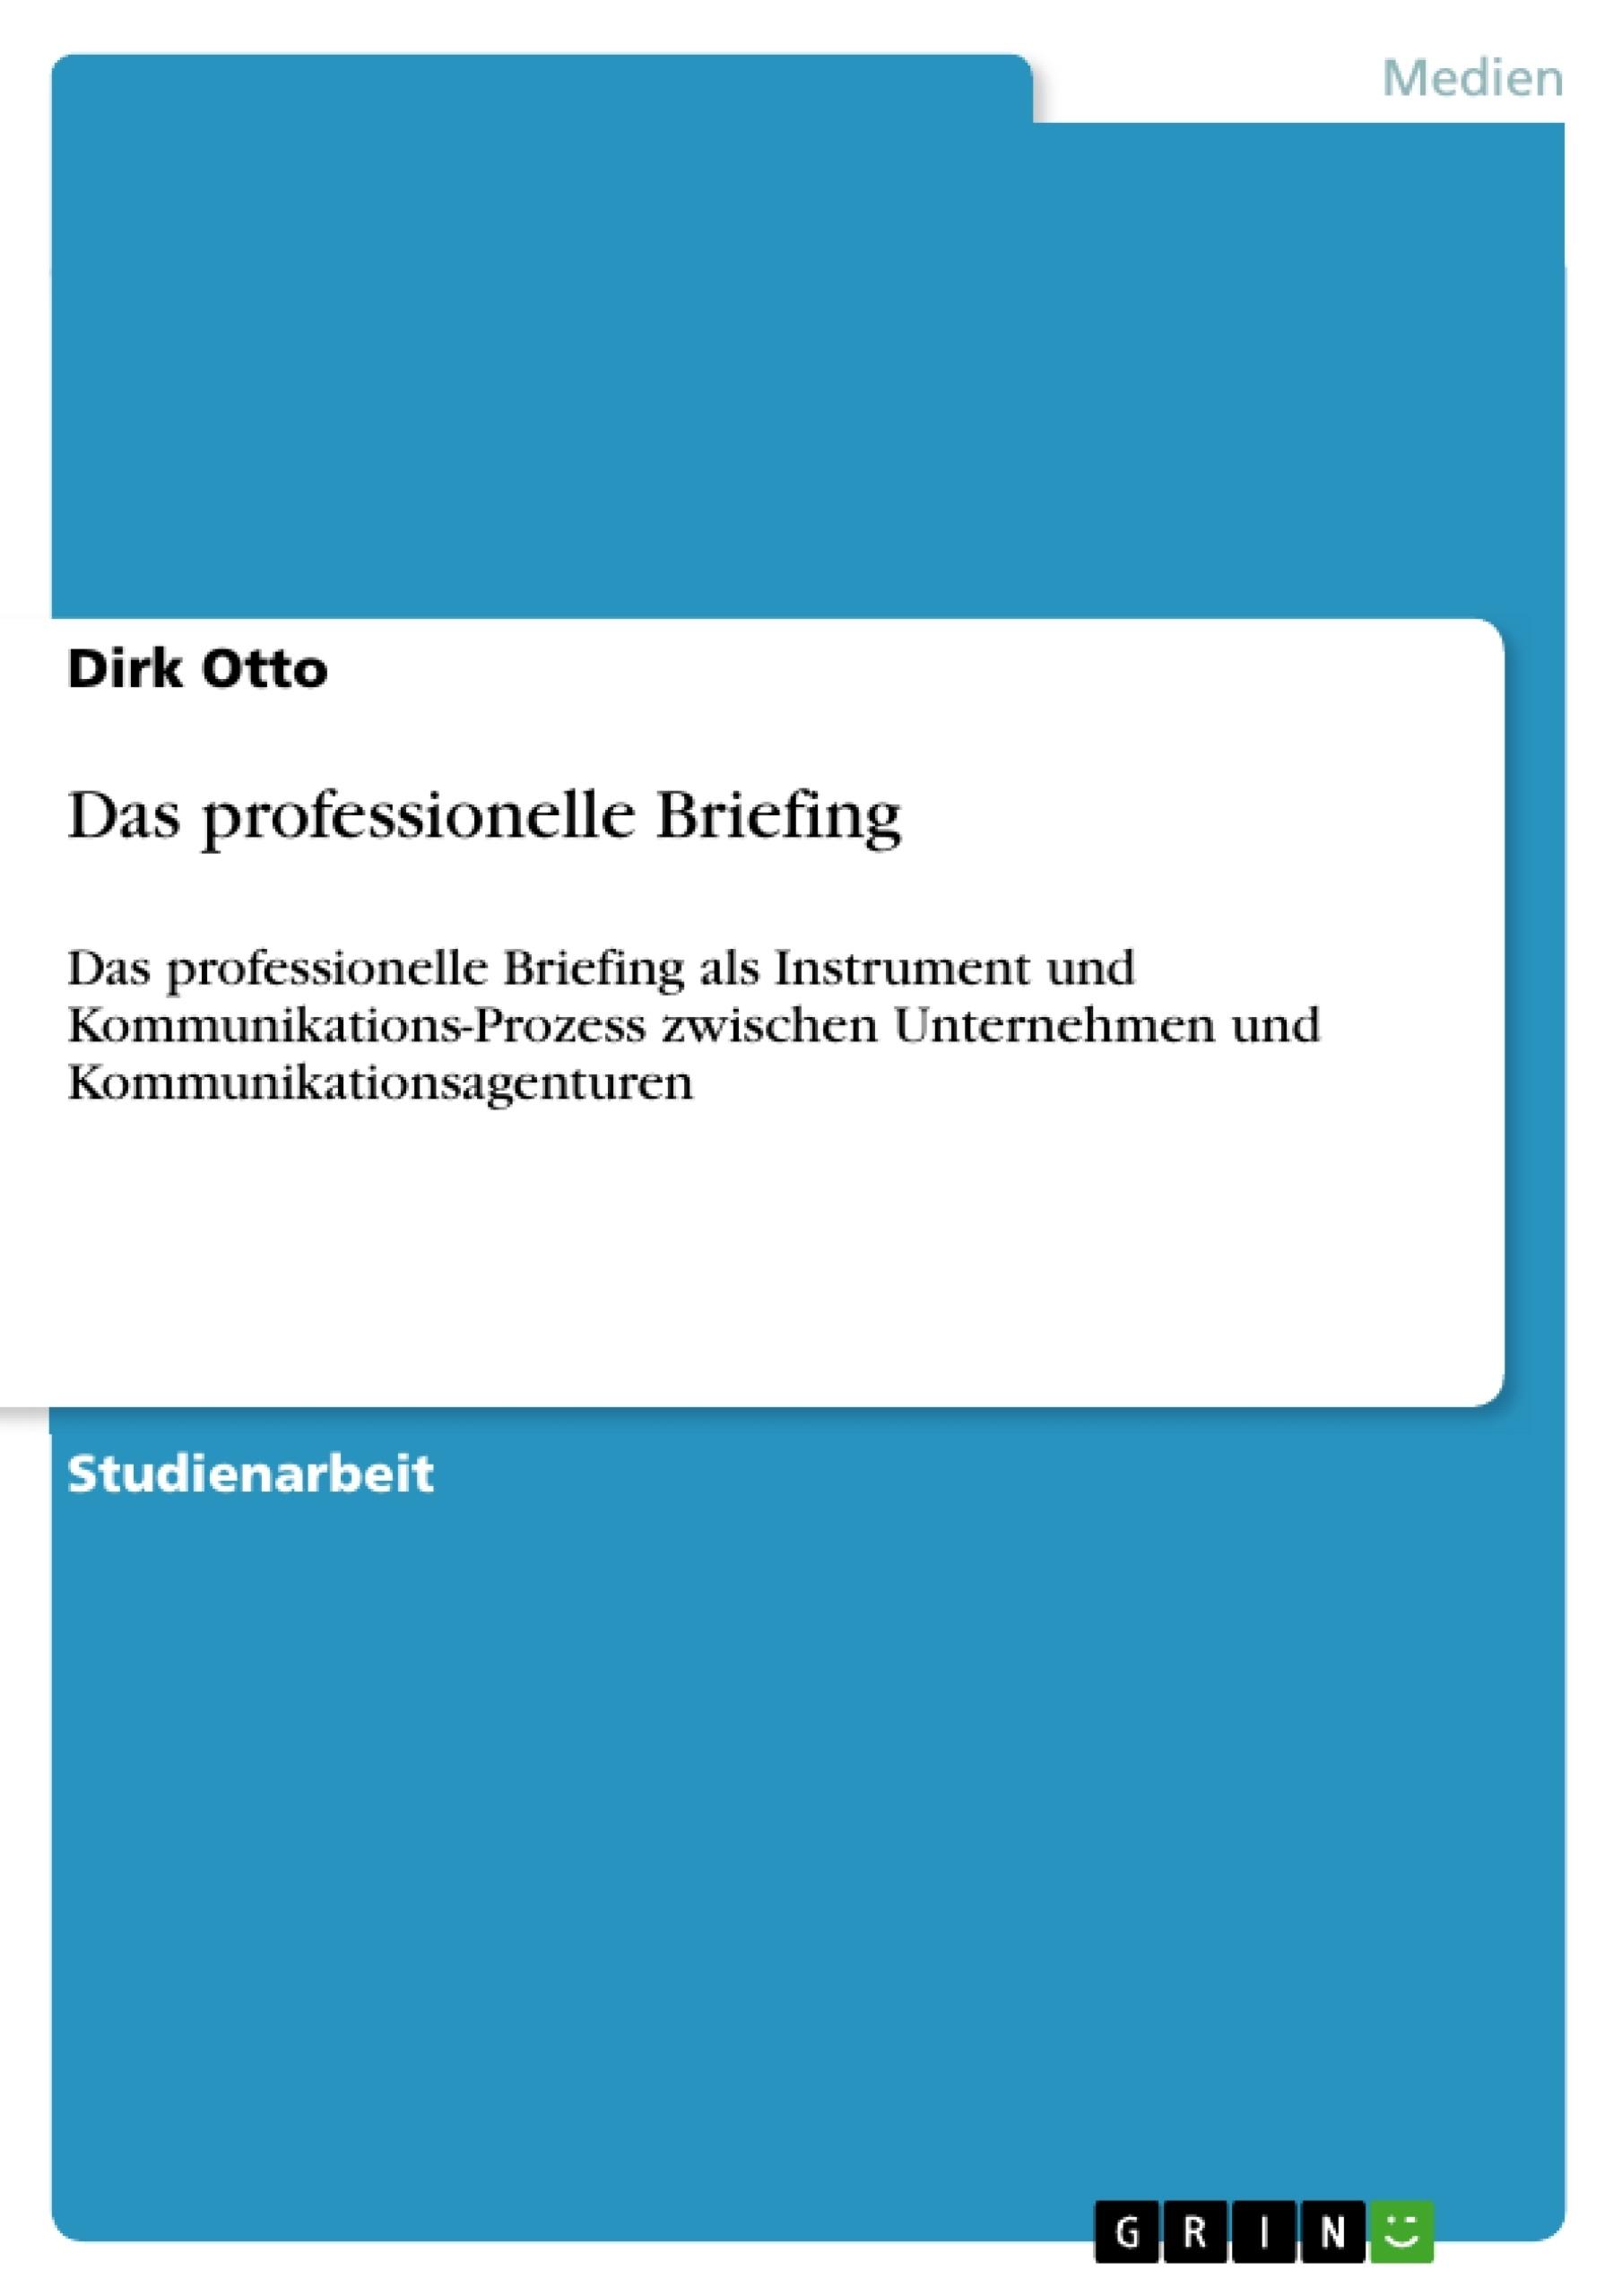 Titel: Das professionelle Briefing